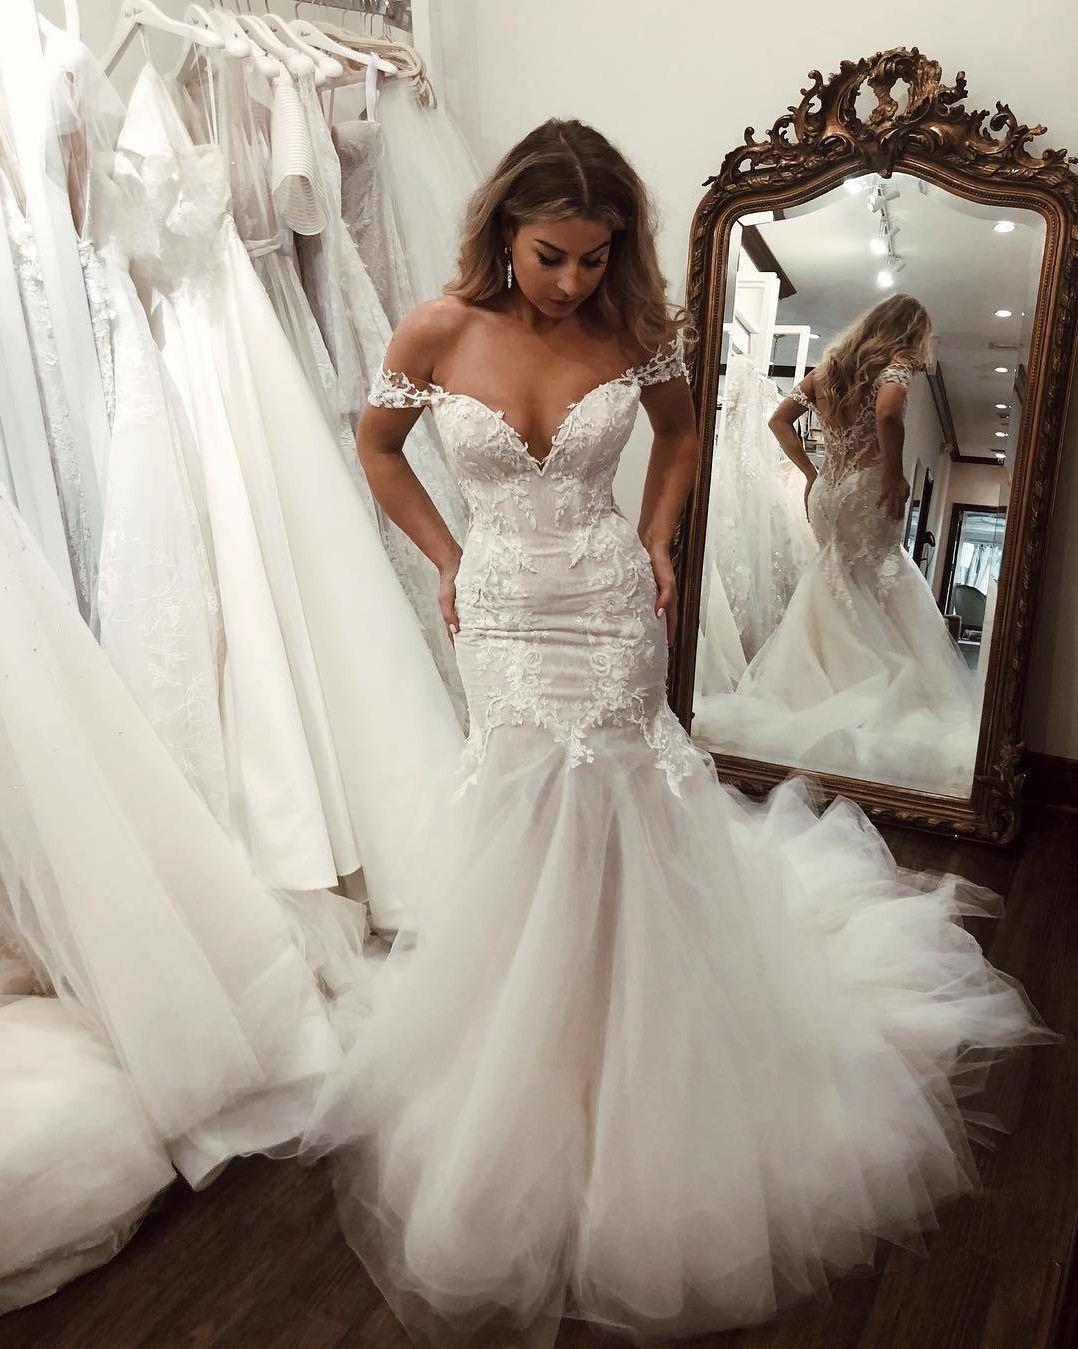 """Galería de vestidos de novia en Instagram: """"¡El vestido perfecto te convertirá en una verdadera diosa!  ✨ ¿Estás de acuerdo?  😍 🙋 🙋 🙋 si le dijeras SÍ a este vestido 💕 Etiqueta a tus chicas para ver si les gusta… """"  – Boda"""